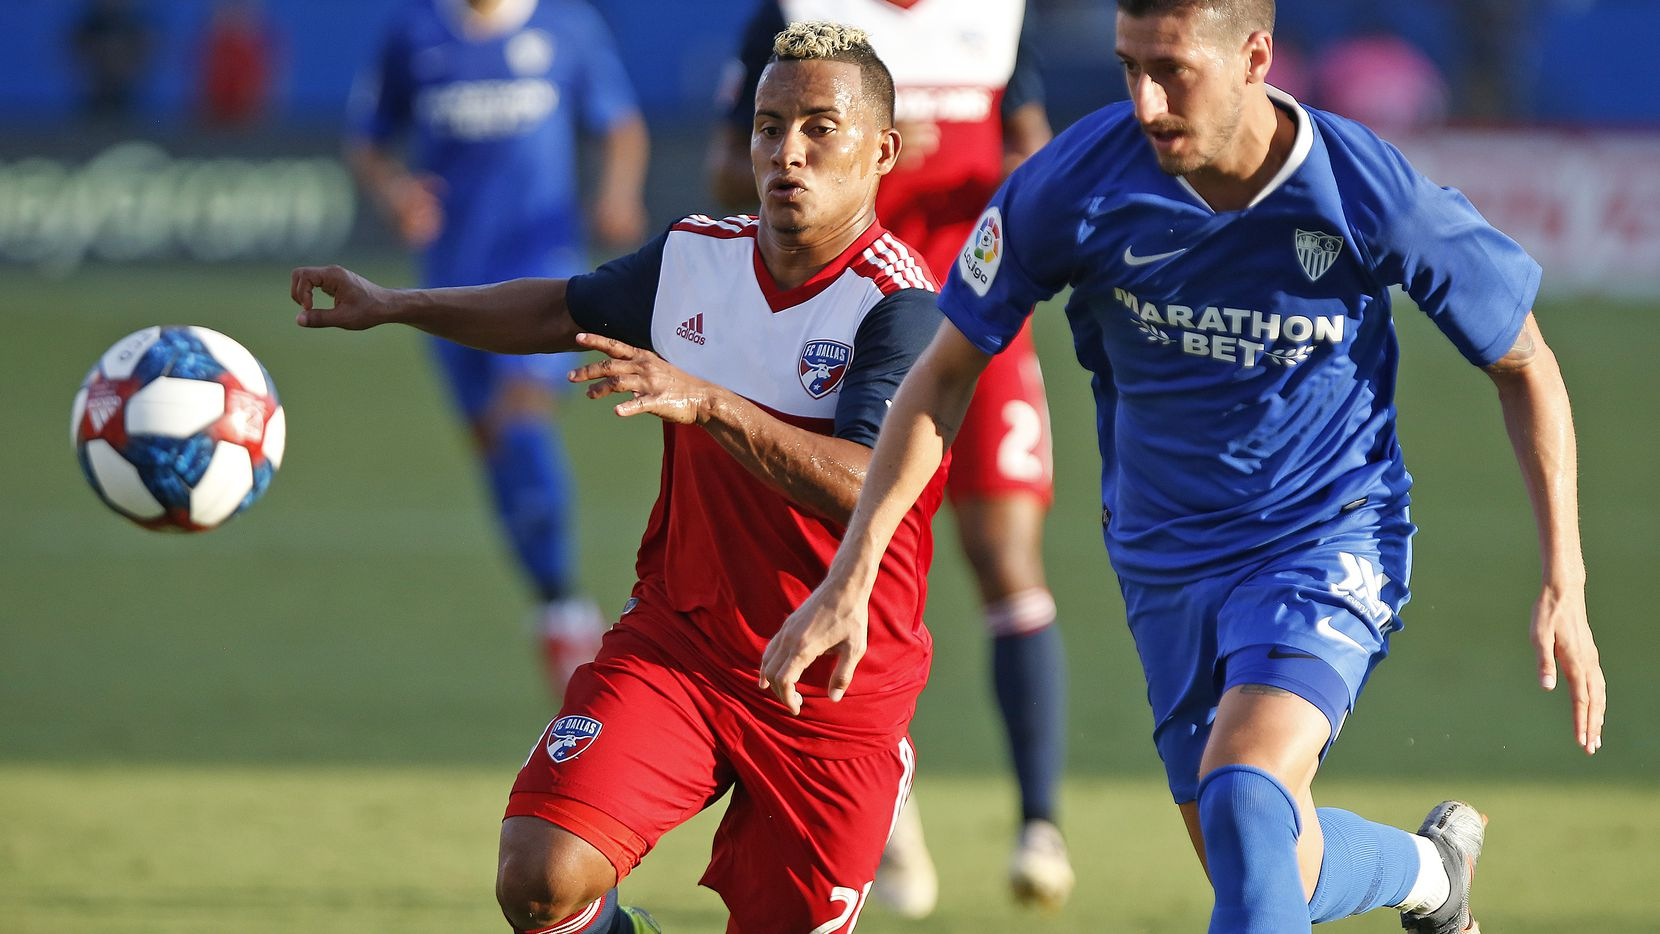 Michael Barrios (21) y Sergio Escudero (18) pelean por el balón en el amistoso entre FC Dallas y Sevilla el miércoles en el Toyota Stadium de Frisco.